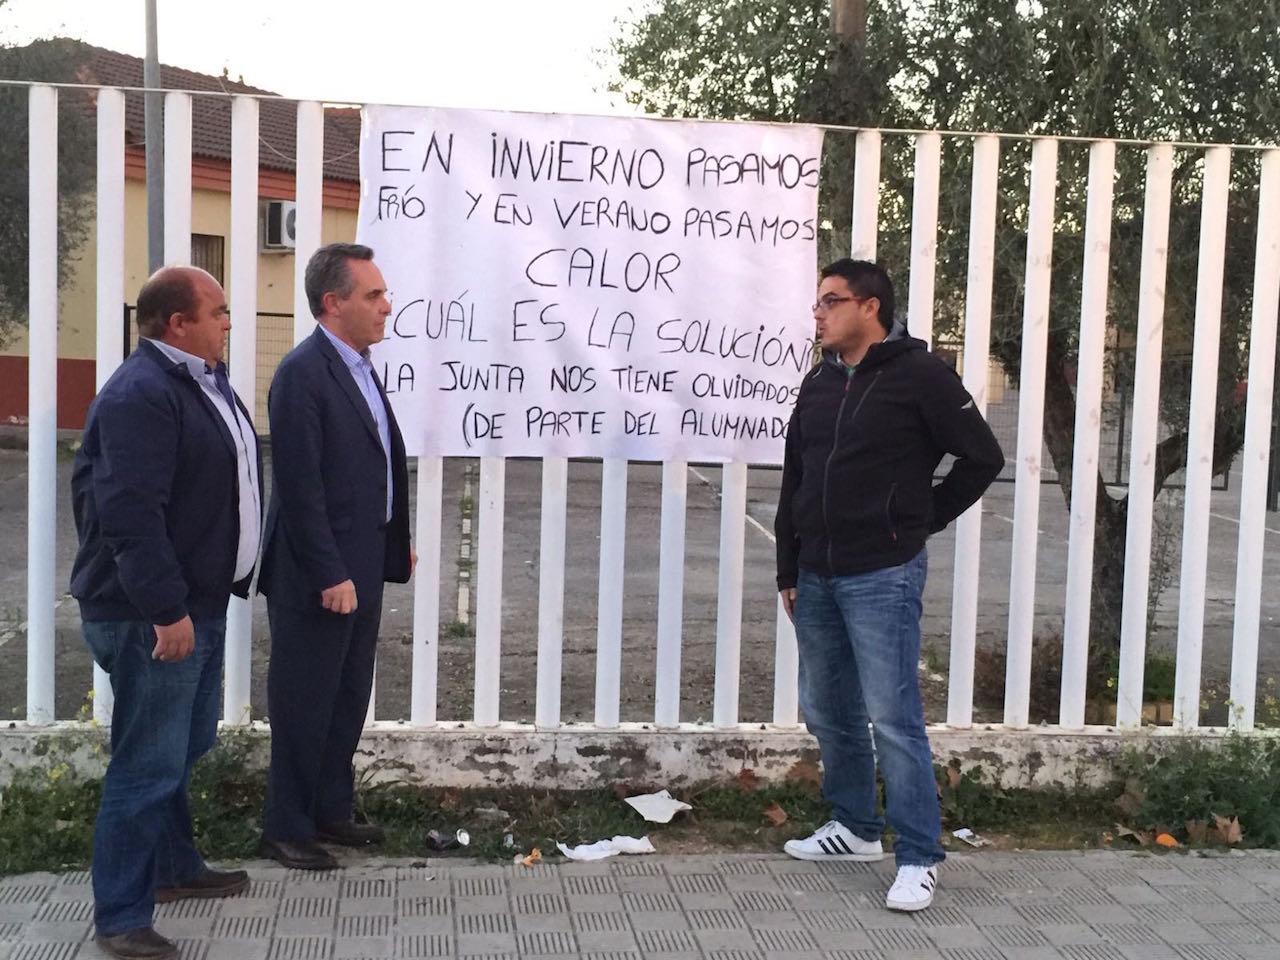 20170307 Benacazón